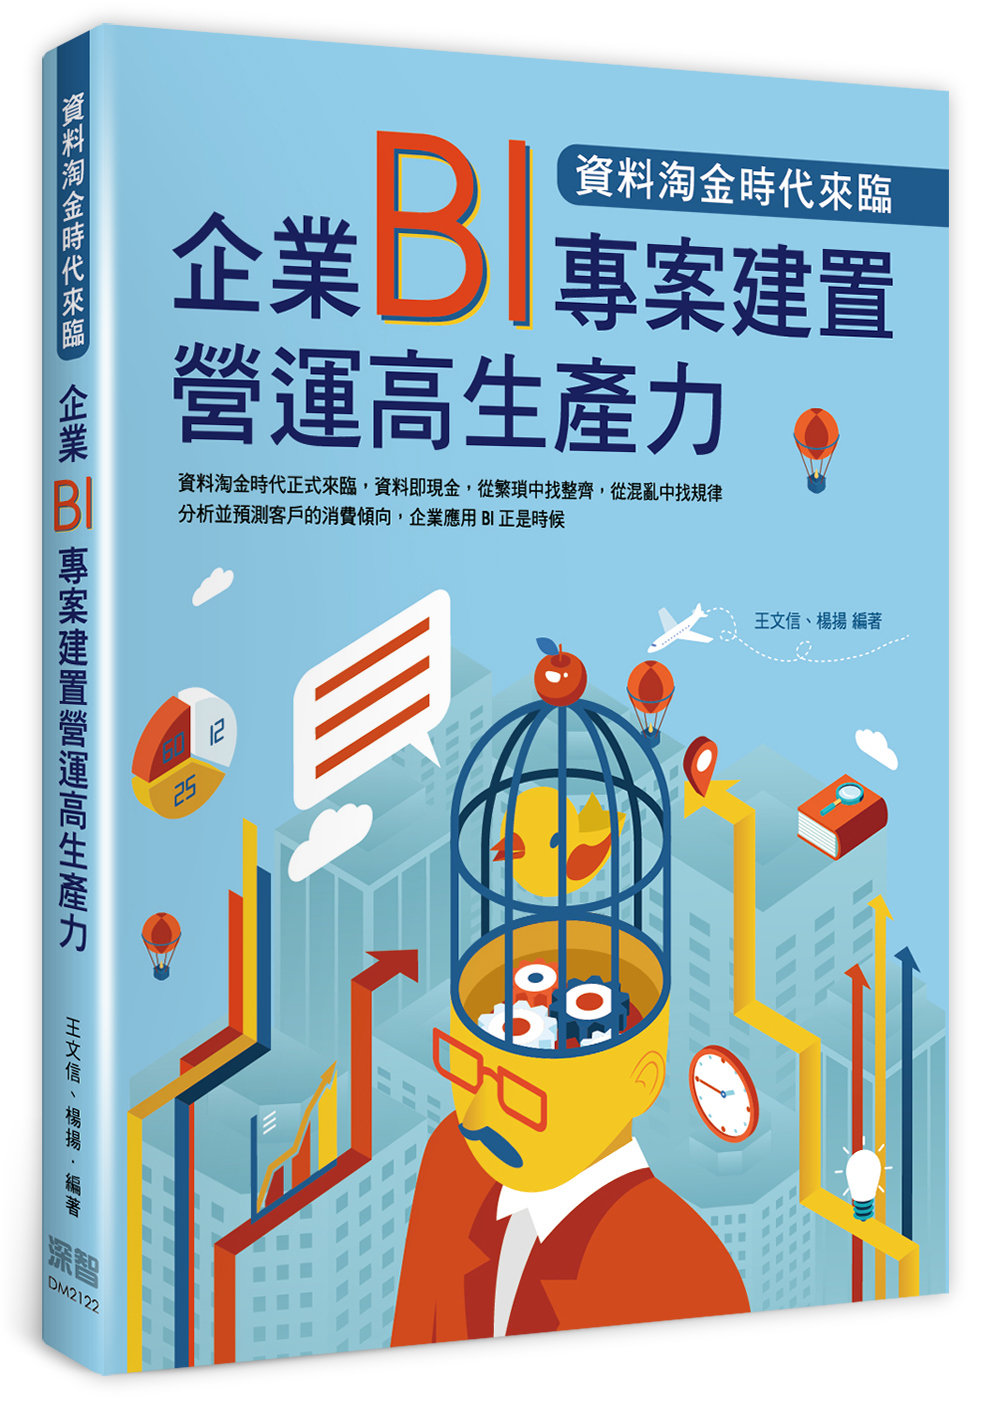 資料淘金時代來臨:企業BI專案建置營運高生產力-preview-1